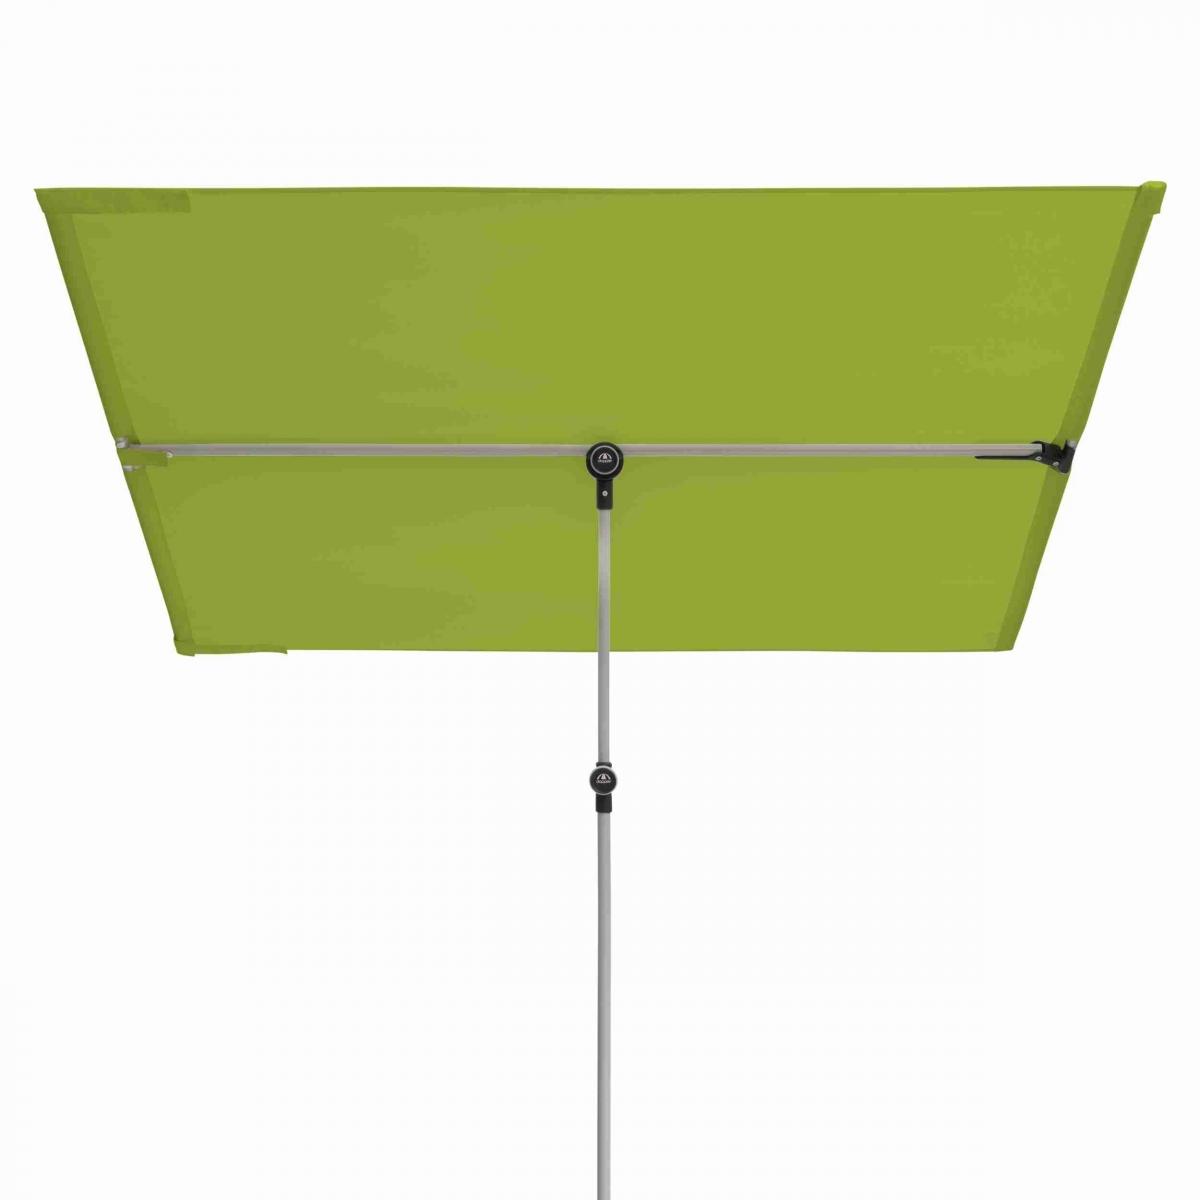 Naklápěcí slunečník ACTIVE 180x130 - Balkónová clona - 841 Zelená